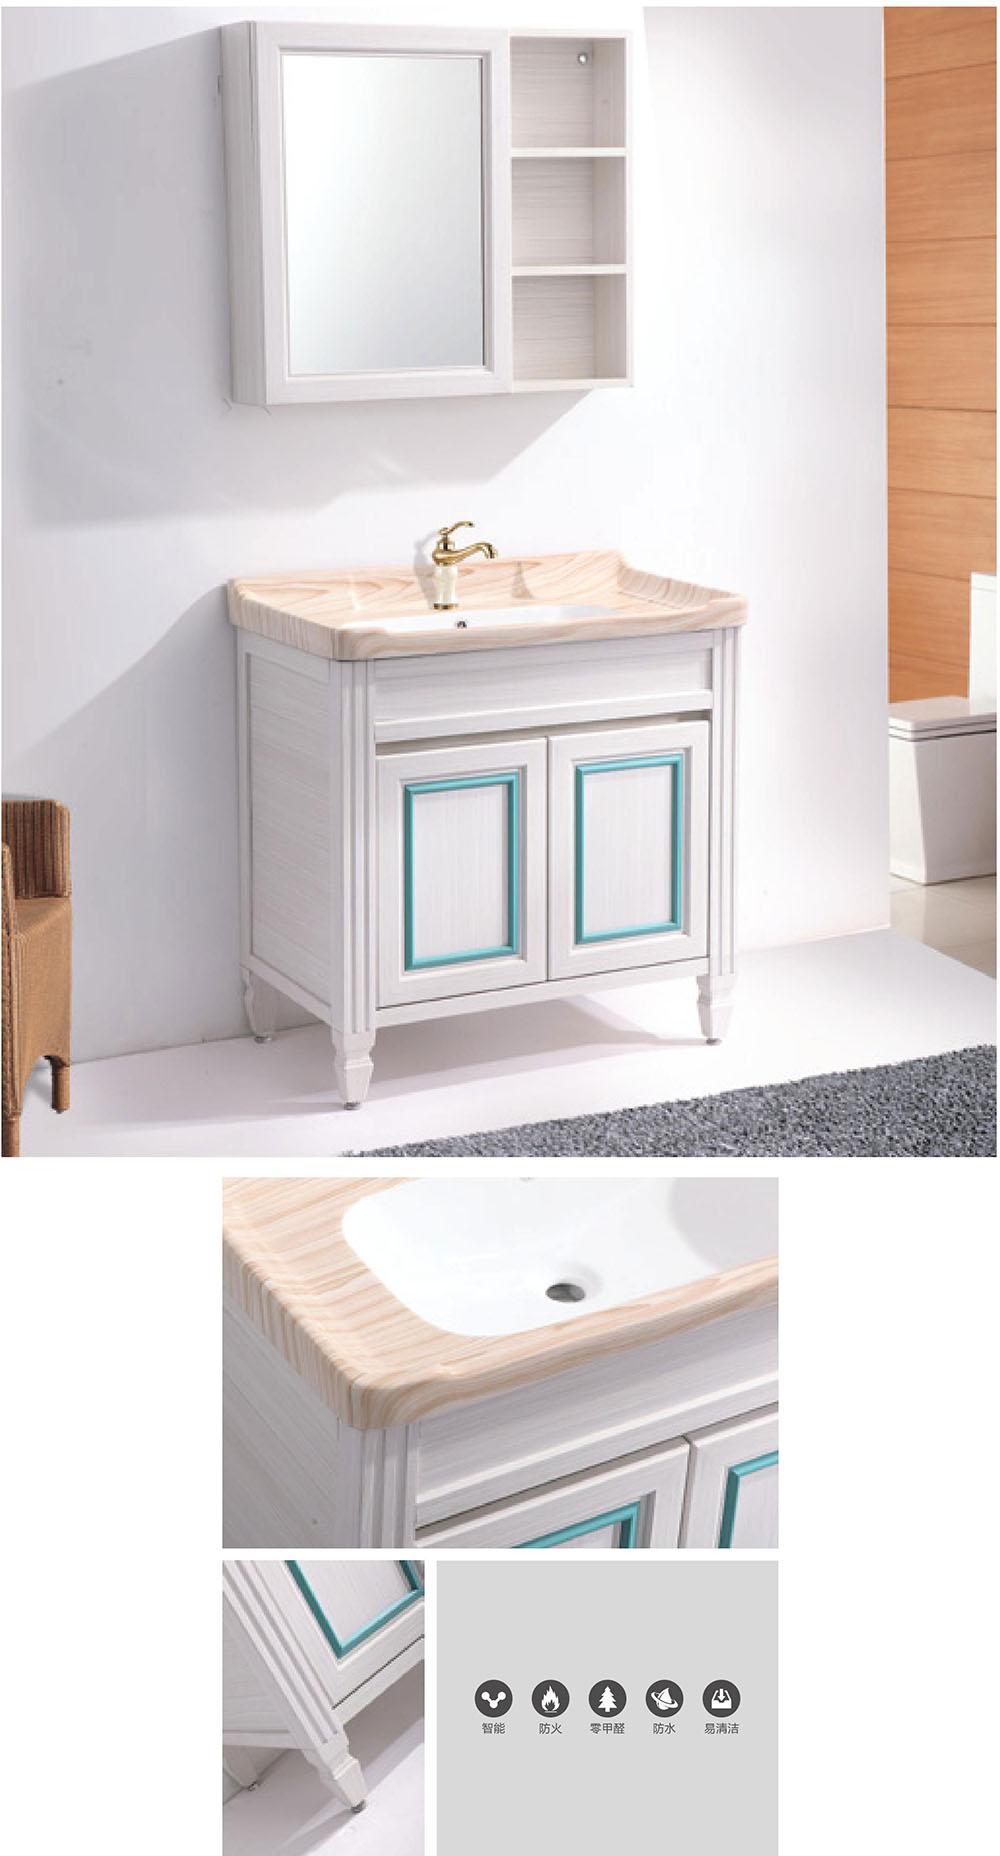 绿世界 全铝家居 全铝家具 全铝浴室柜